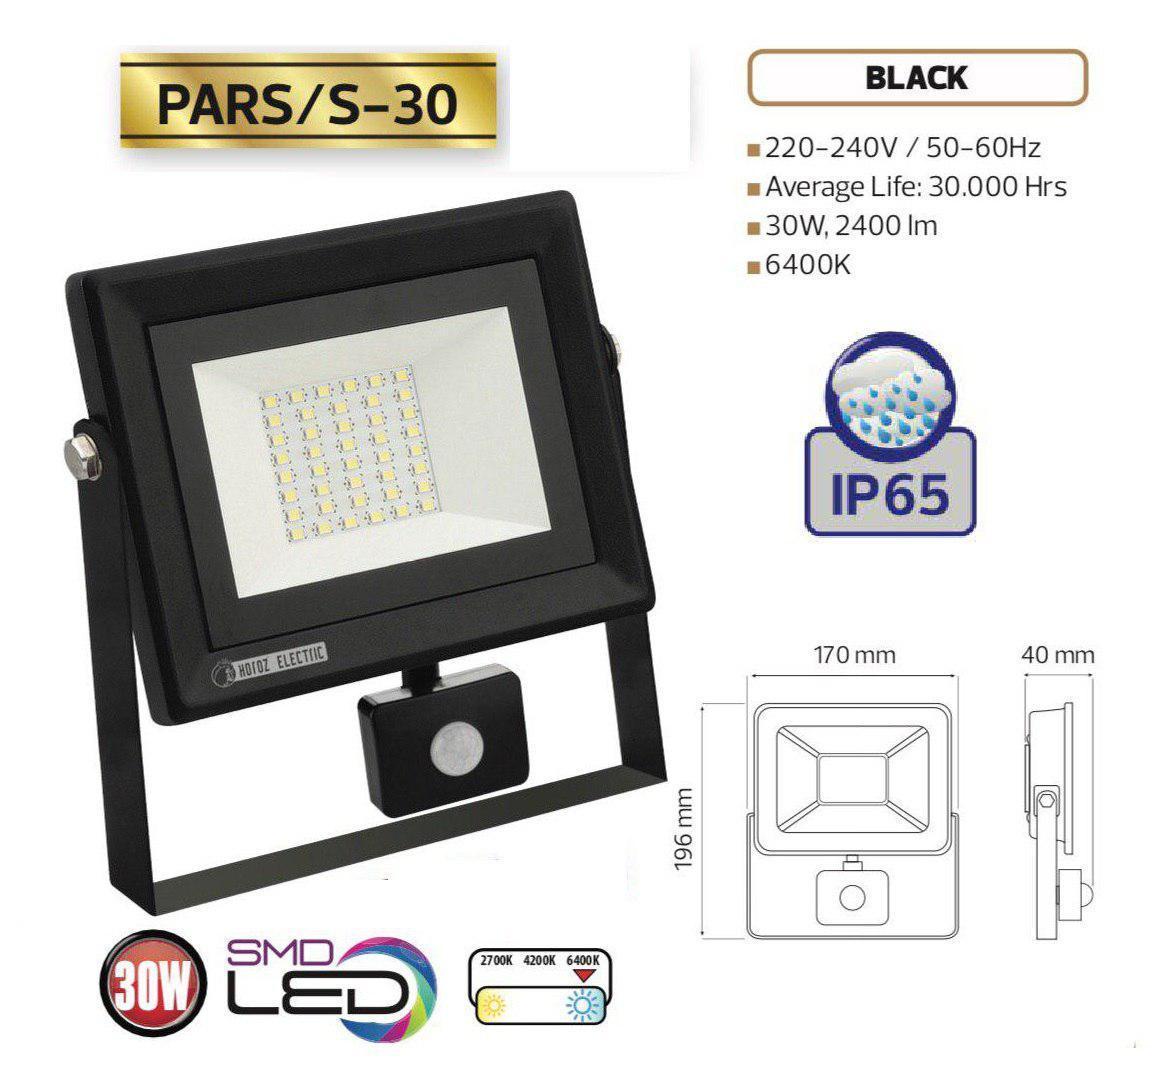 Прожектор світлодіодний 30W Прожектор Pars/S-30 з датчиком руху